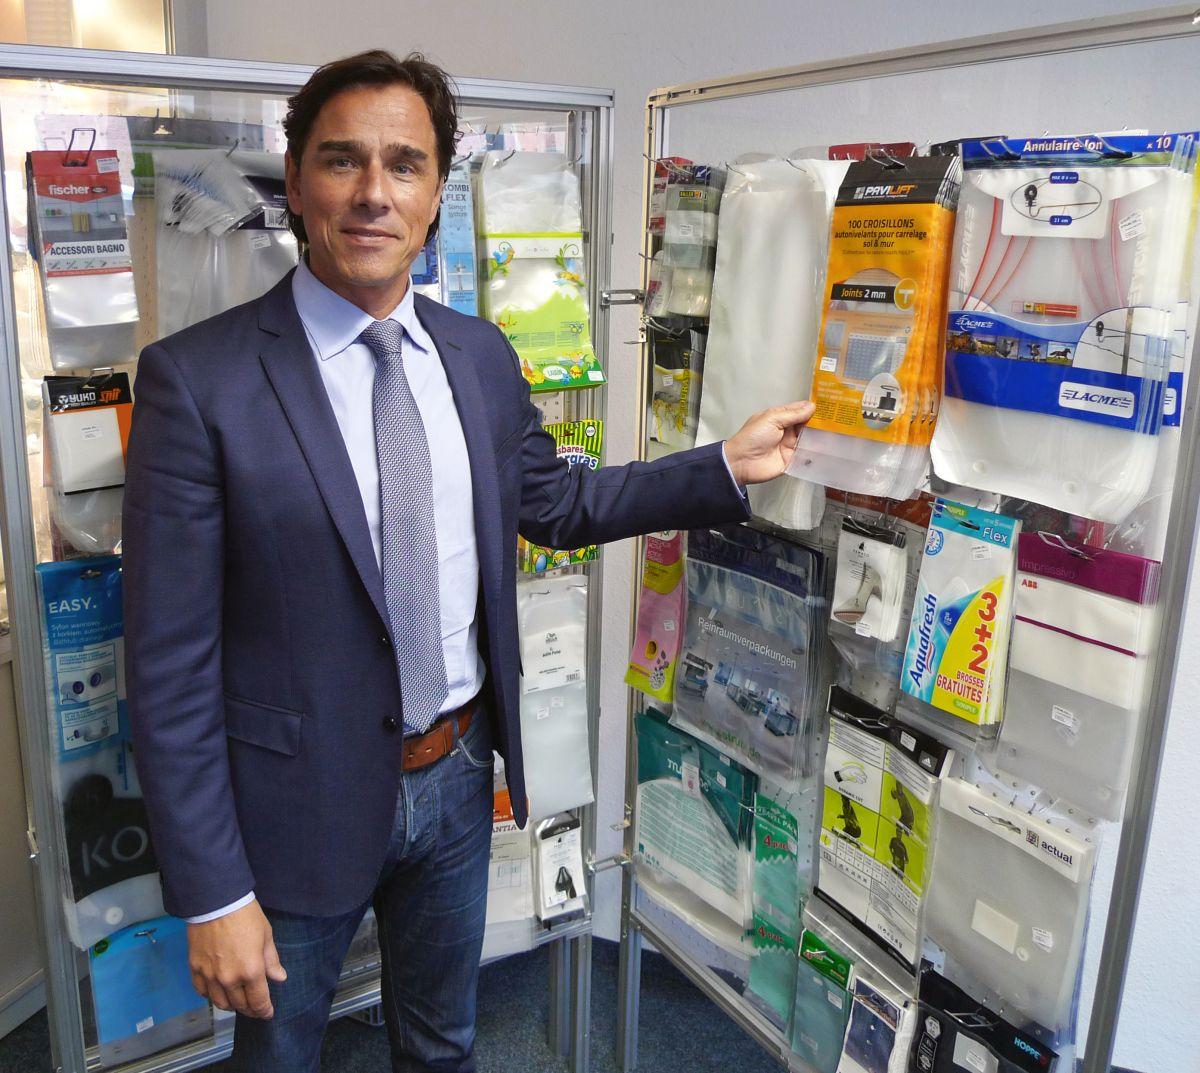 Beutel sparen gegenüber Blister-Verpackungen bis zu 70 Prozent Verpackungsvolumen. Das betont Franz Strubl, Geschäftsführer der Strubl GmbH & Co. KG. (Bild: Gerd Bergmann/Flexo+Tief-Druck)